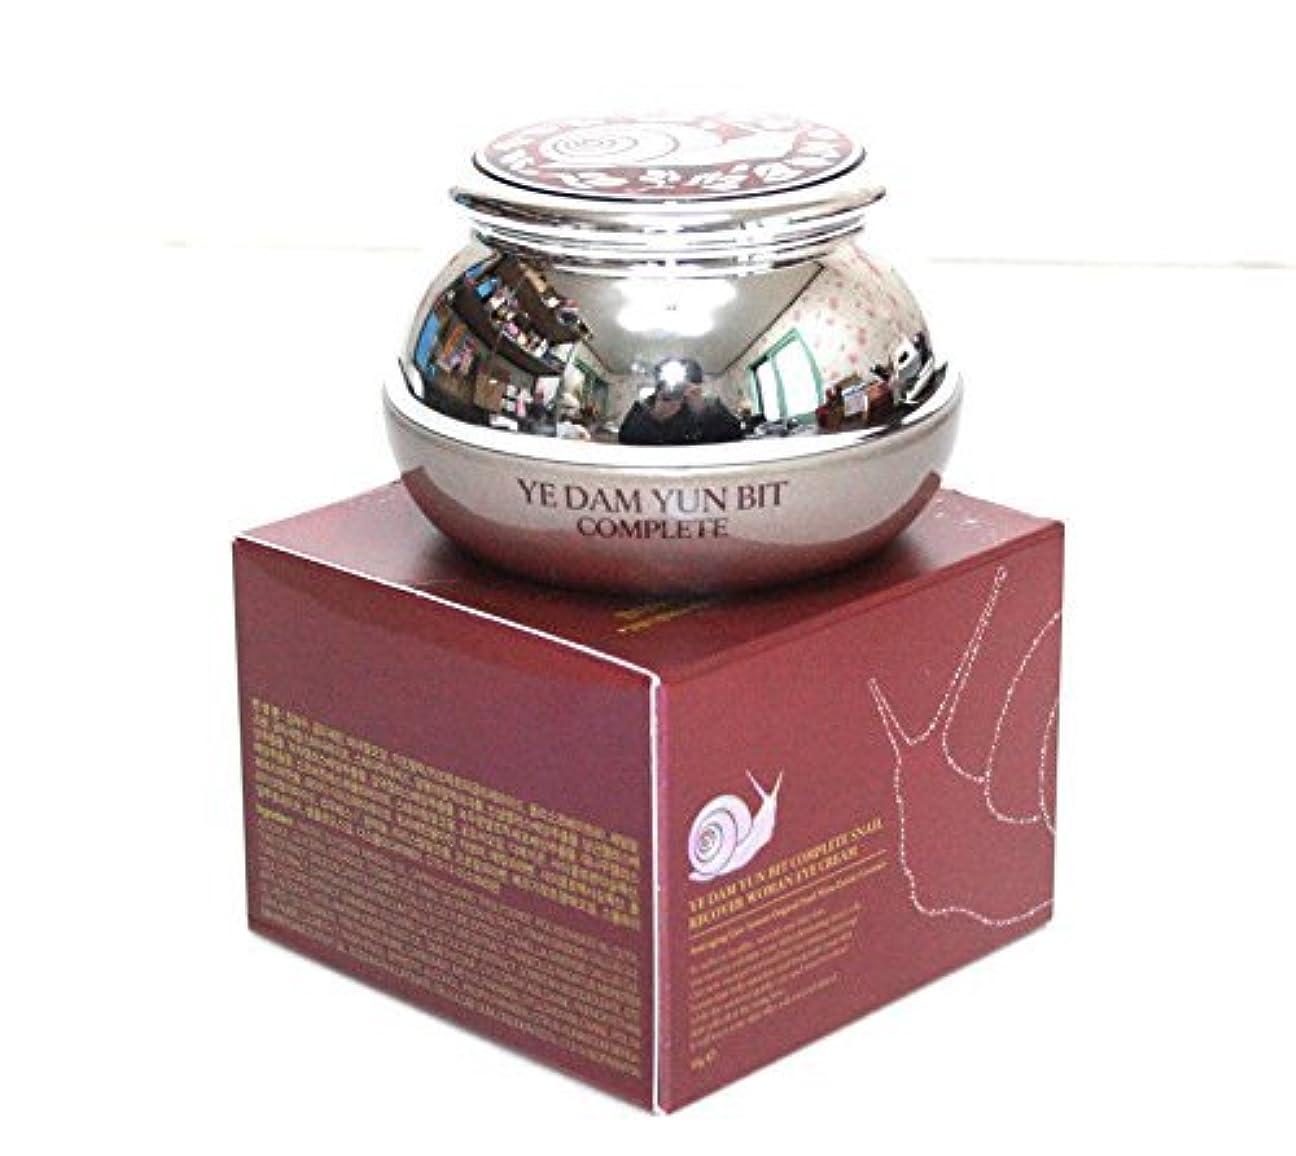 まあ蓄積する下位[YEDAM YUN BIT] スキンが完成カタツムリ回復女性のアイクリーム50ml/韓国の化粧品/COMPLETE Skin Snail Recover Woman Eye Cream 50ml/Korean cosmetics [並行輸入品]